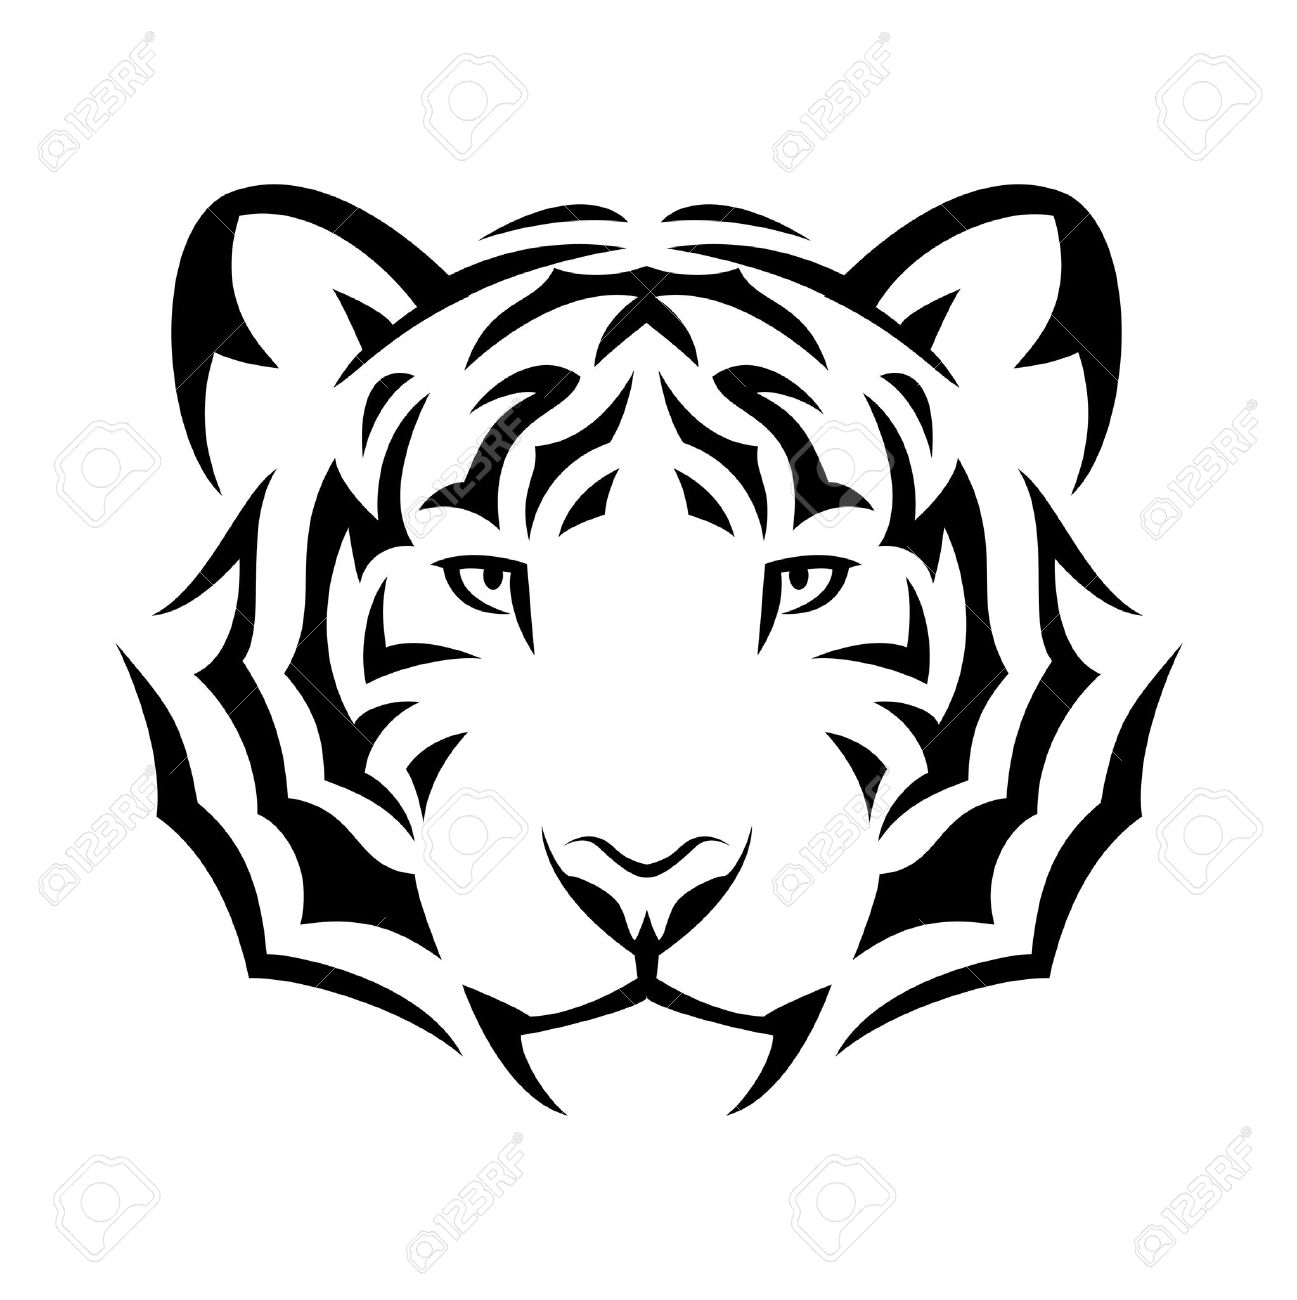 Tatuaje Tigre Tribal ilustración, diseño del tatuaje del tigre tribal. negro aislado en